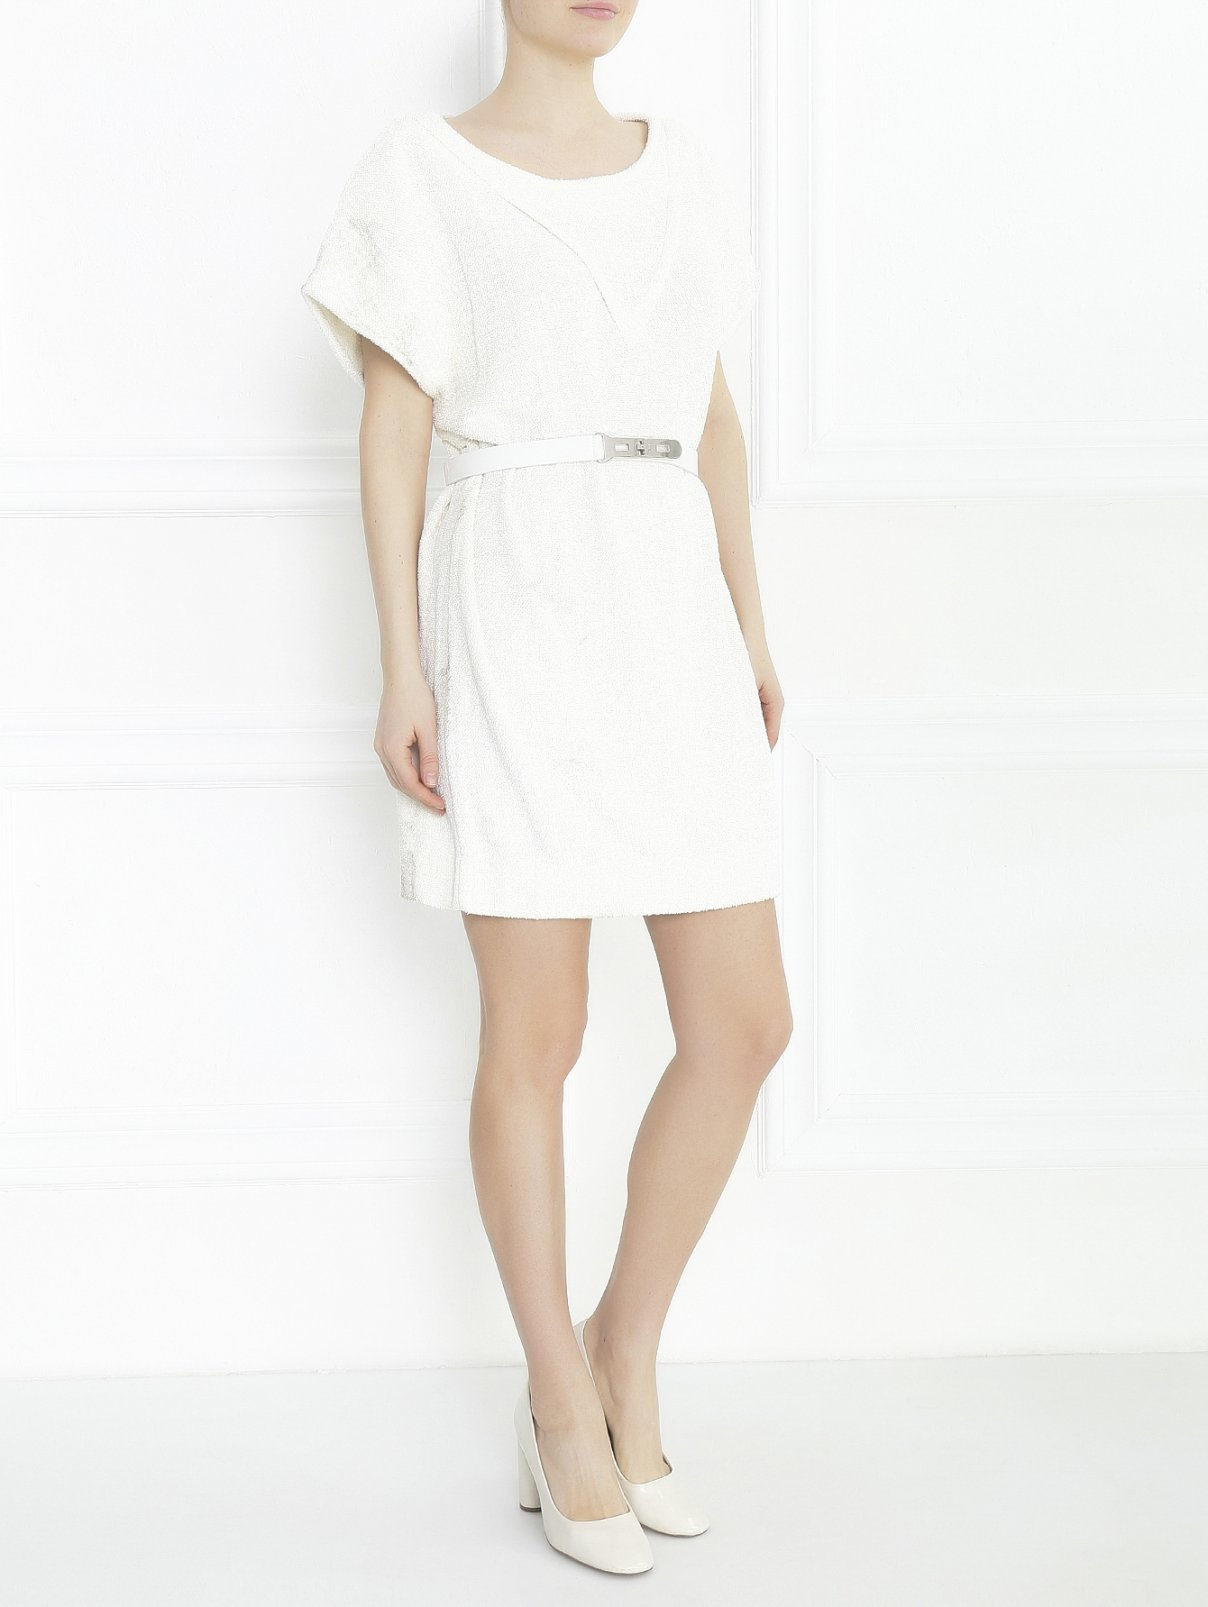 Платье из мохера с напылением Maison Ullens  –  Модель Общий вид  – Цвет:  Белый